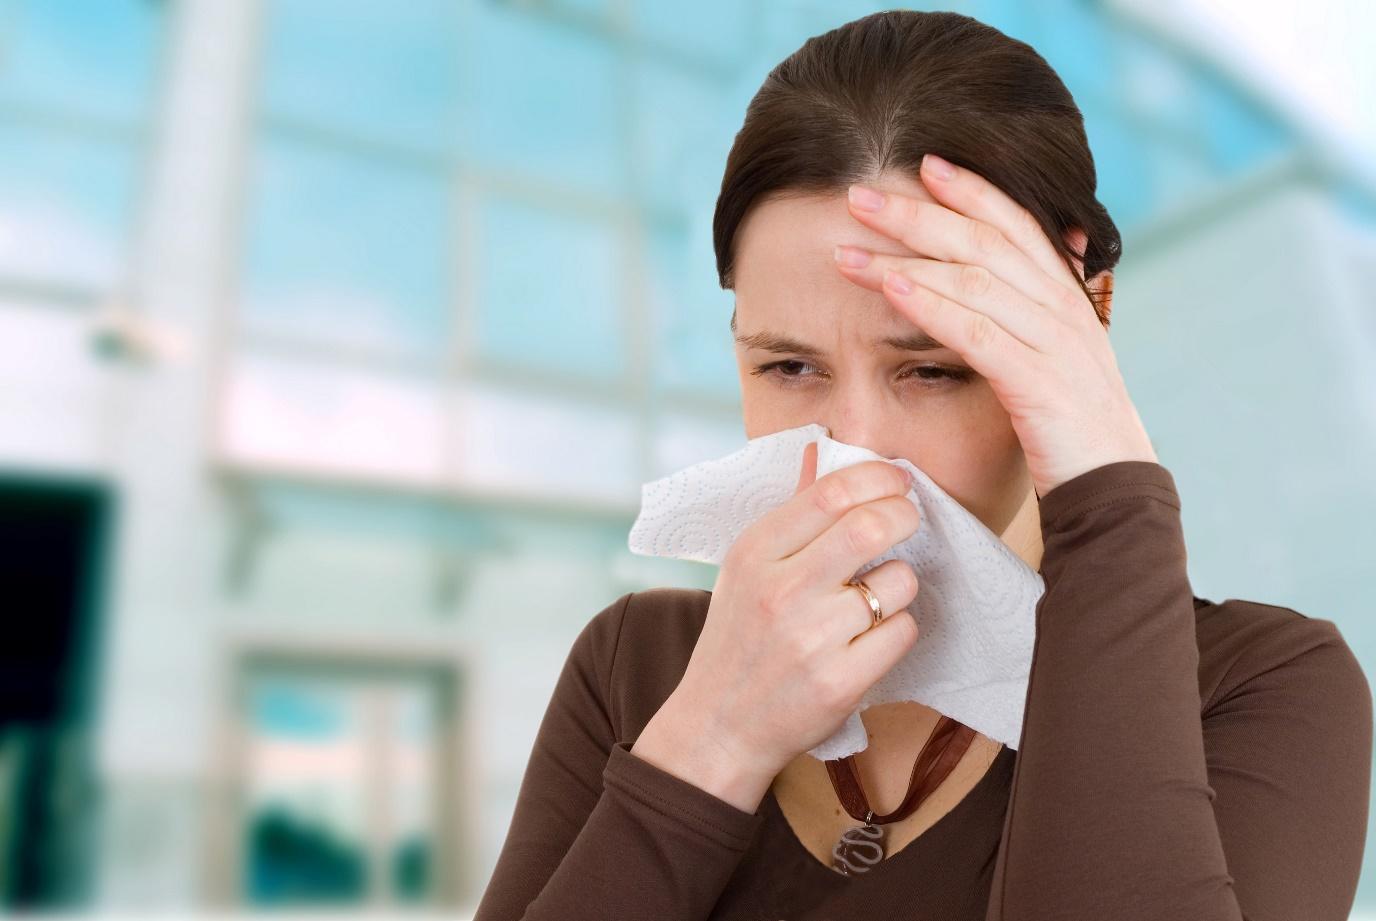 Viêm họng có thể gây ra nhiều biến chứng nghiêm trọng